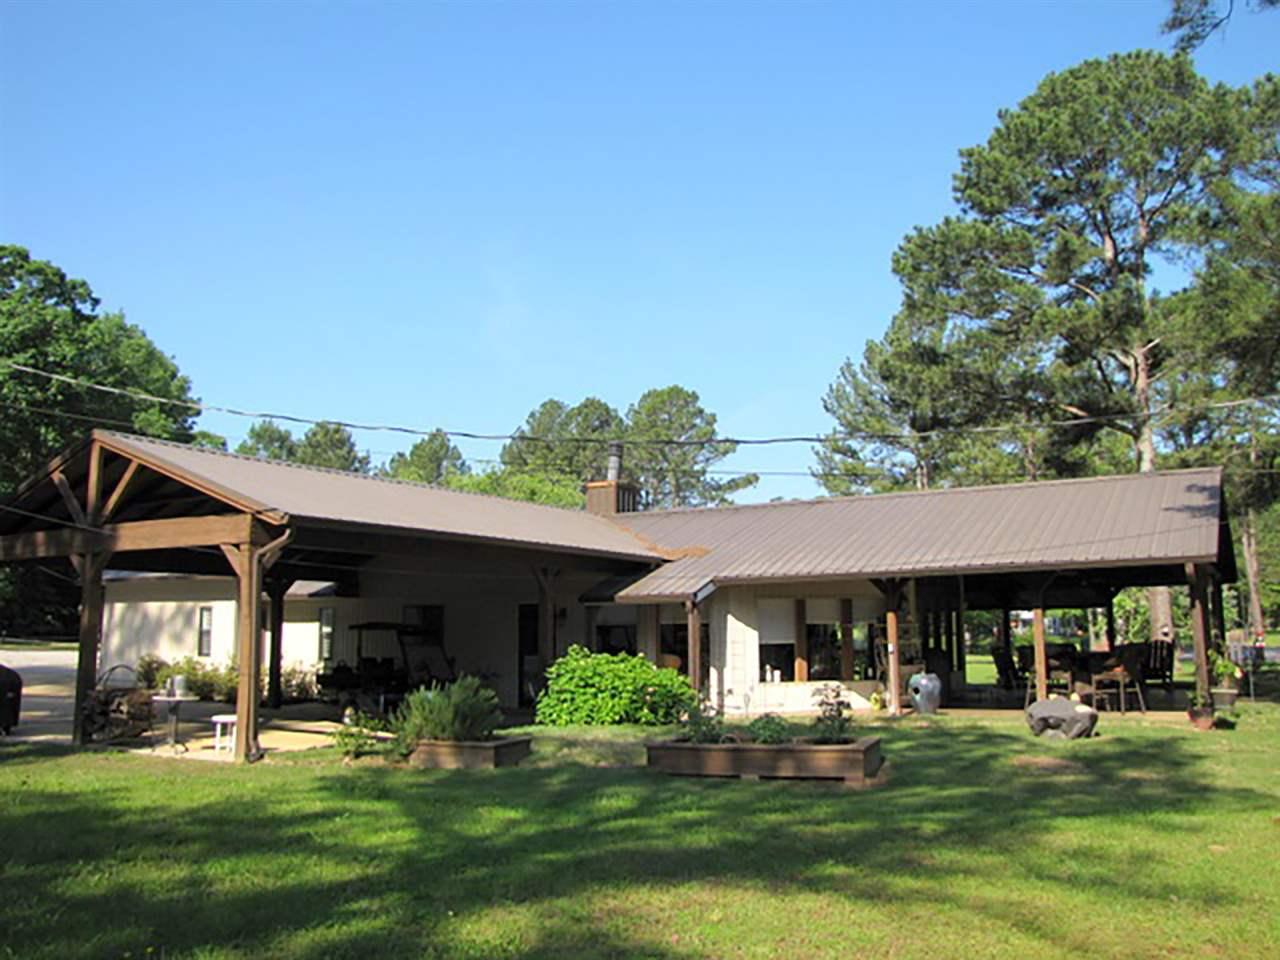 69 Clemons Cherokee, AL 35616 - MLS #: 10021006